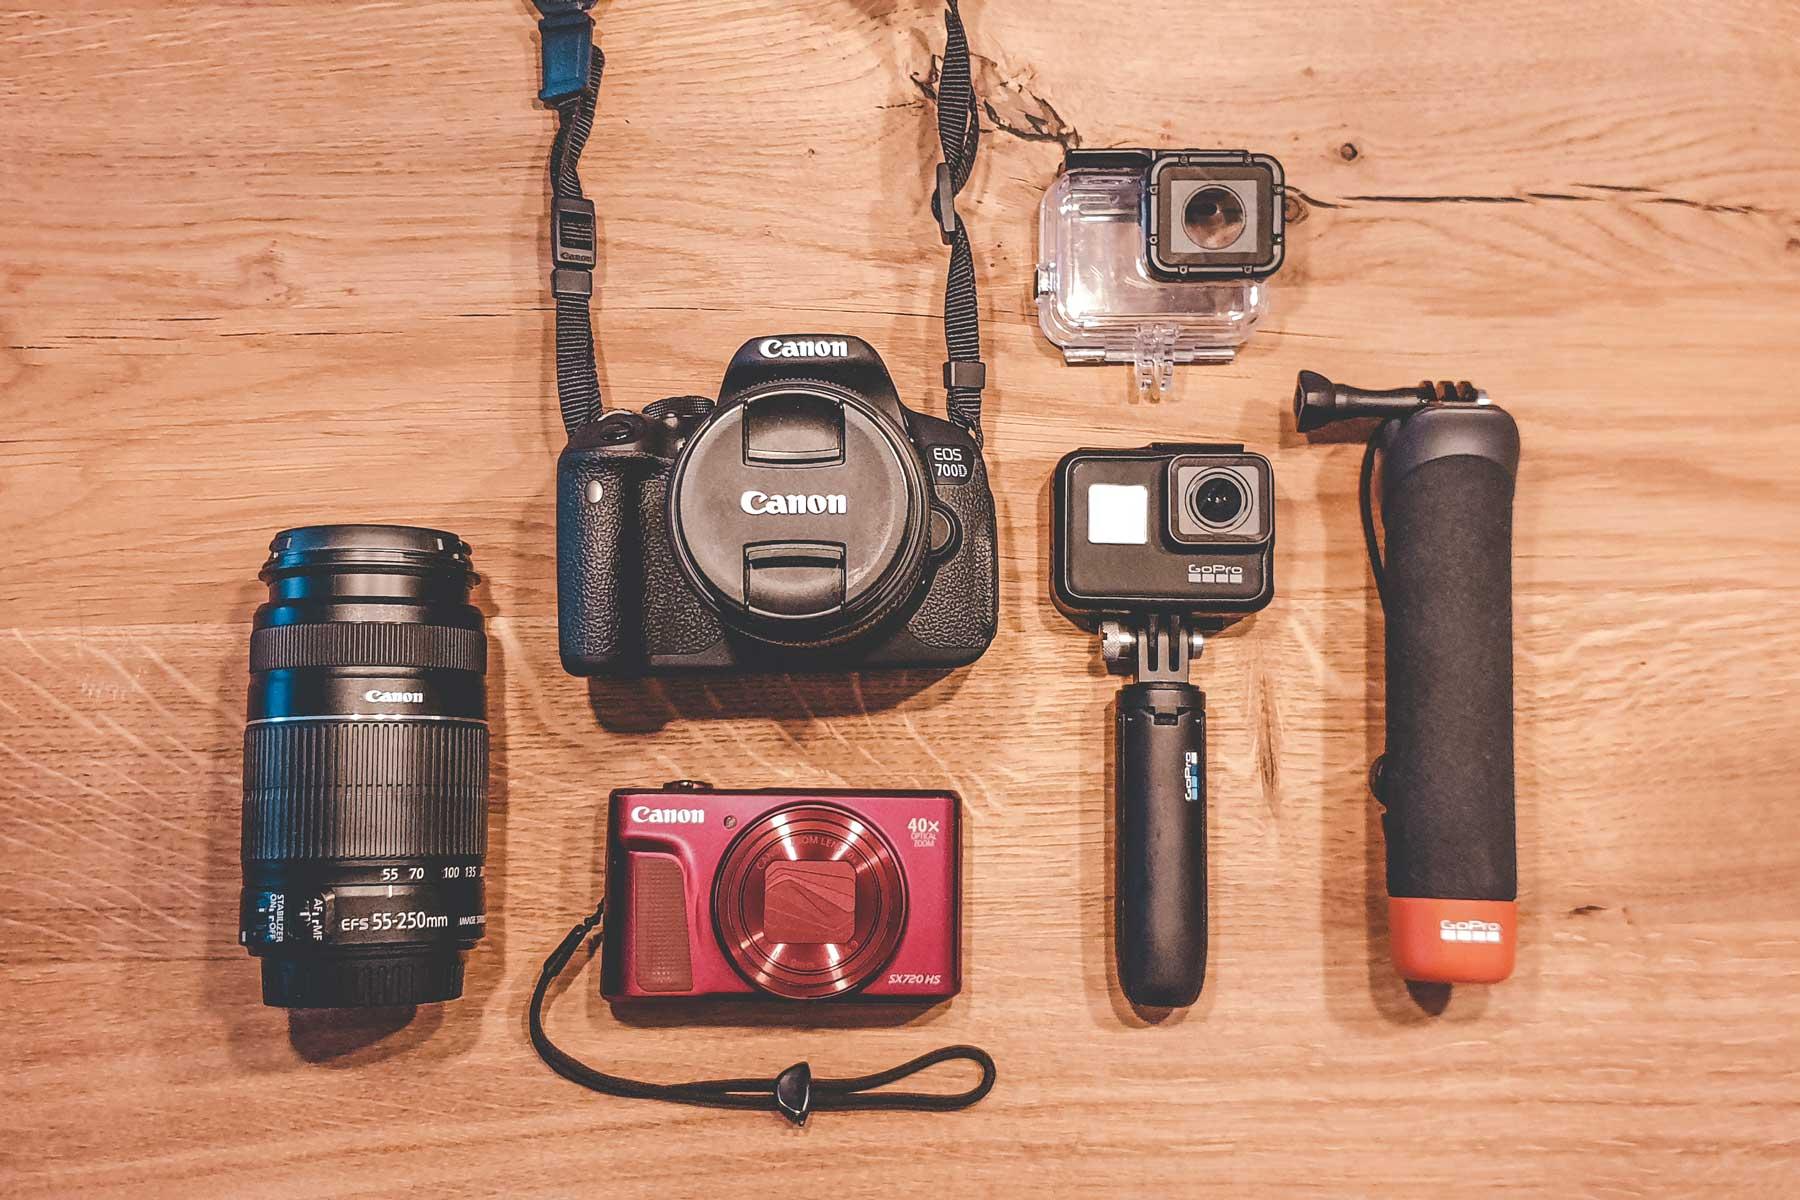 Fotoequipment auf Reisen: Meine Kameras Canon und Gopro